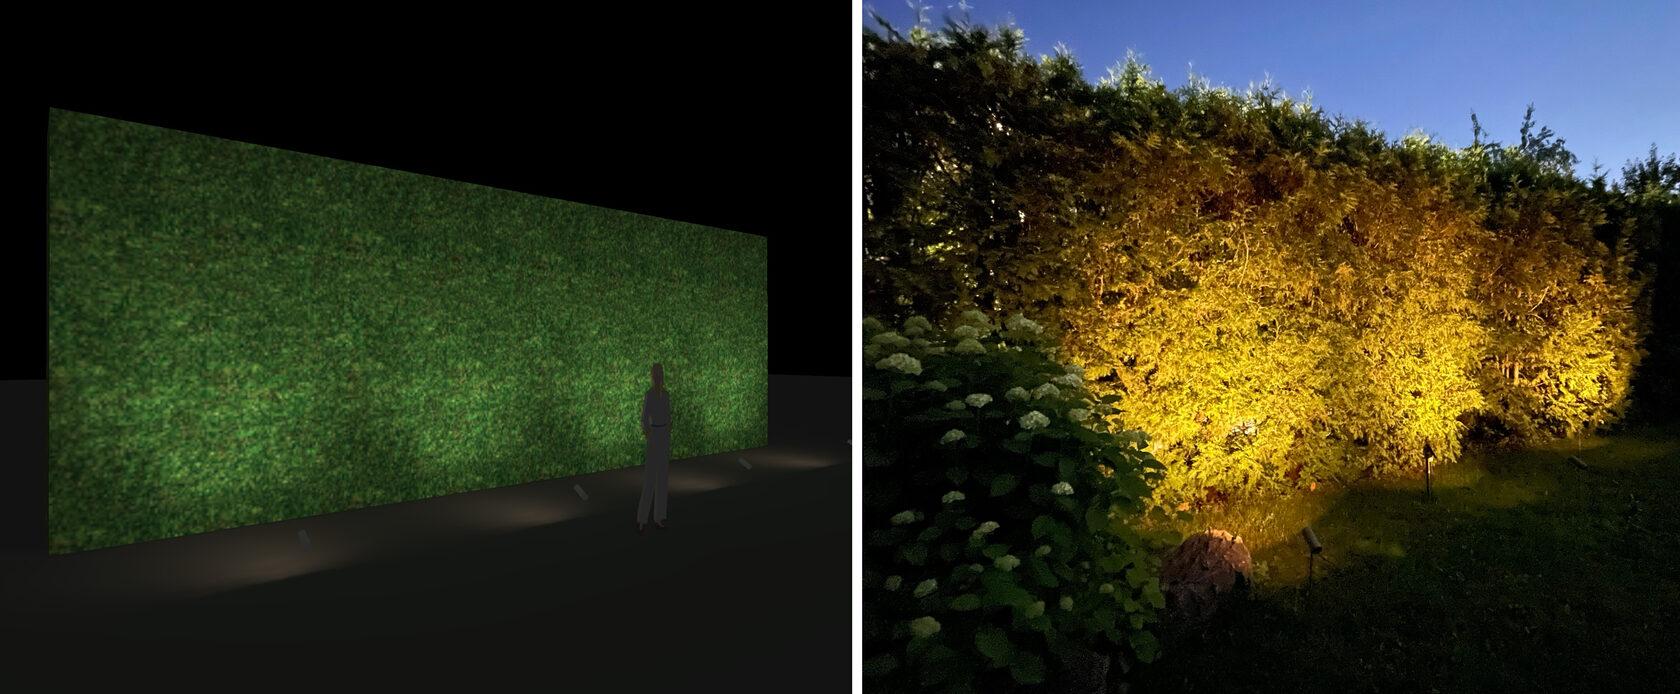 Концепция и реализация освещения живой изгороди